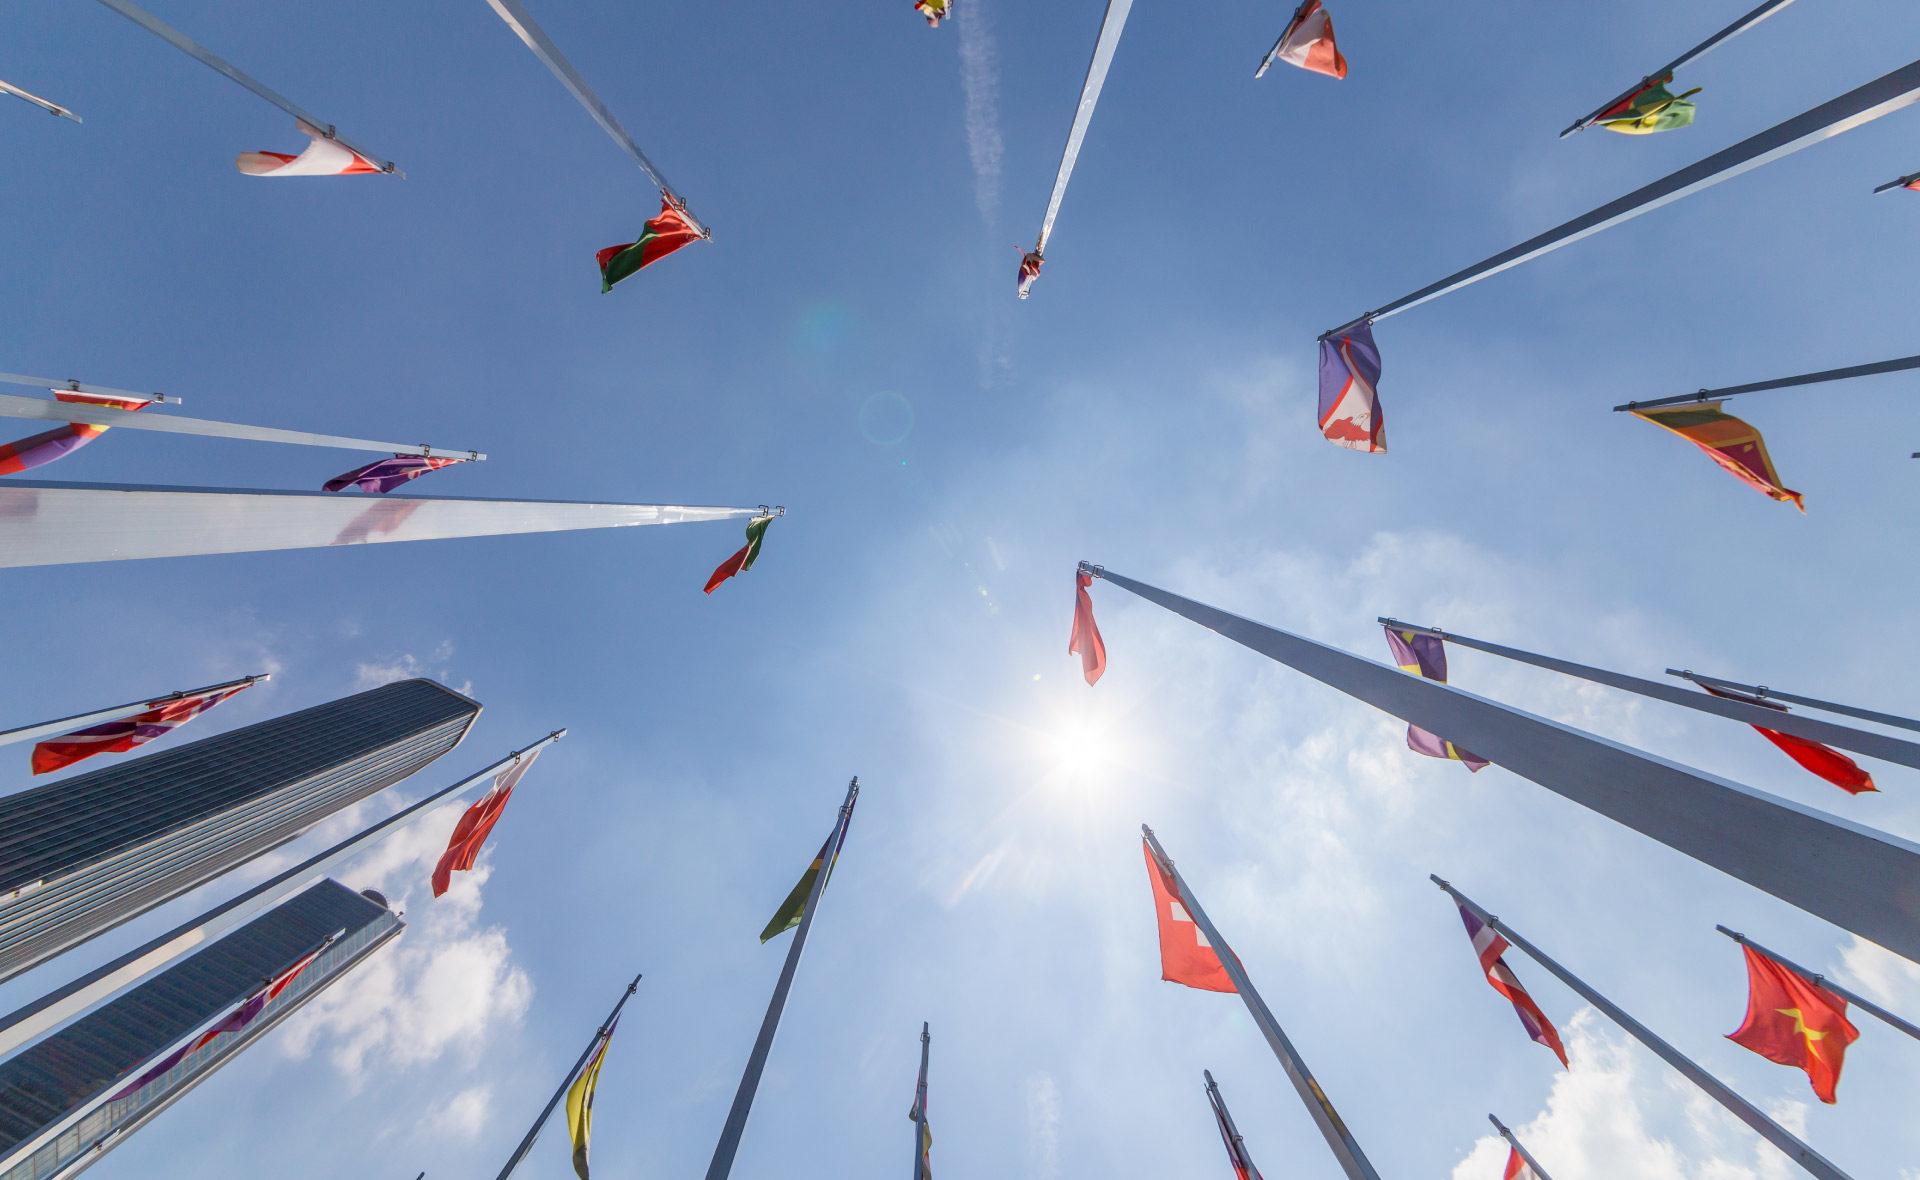 Naciones-Unidas-UE-líderes-países-banderas-unión-